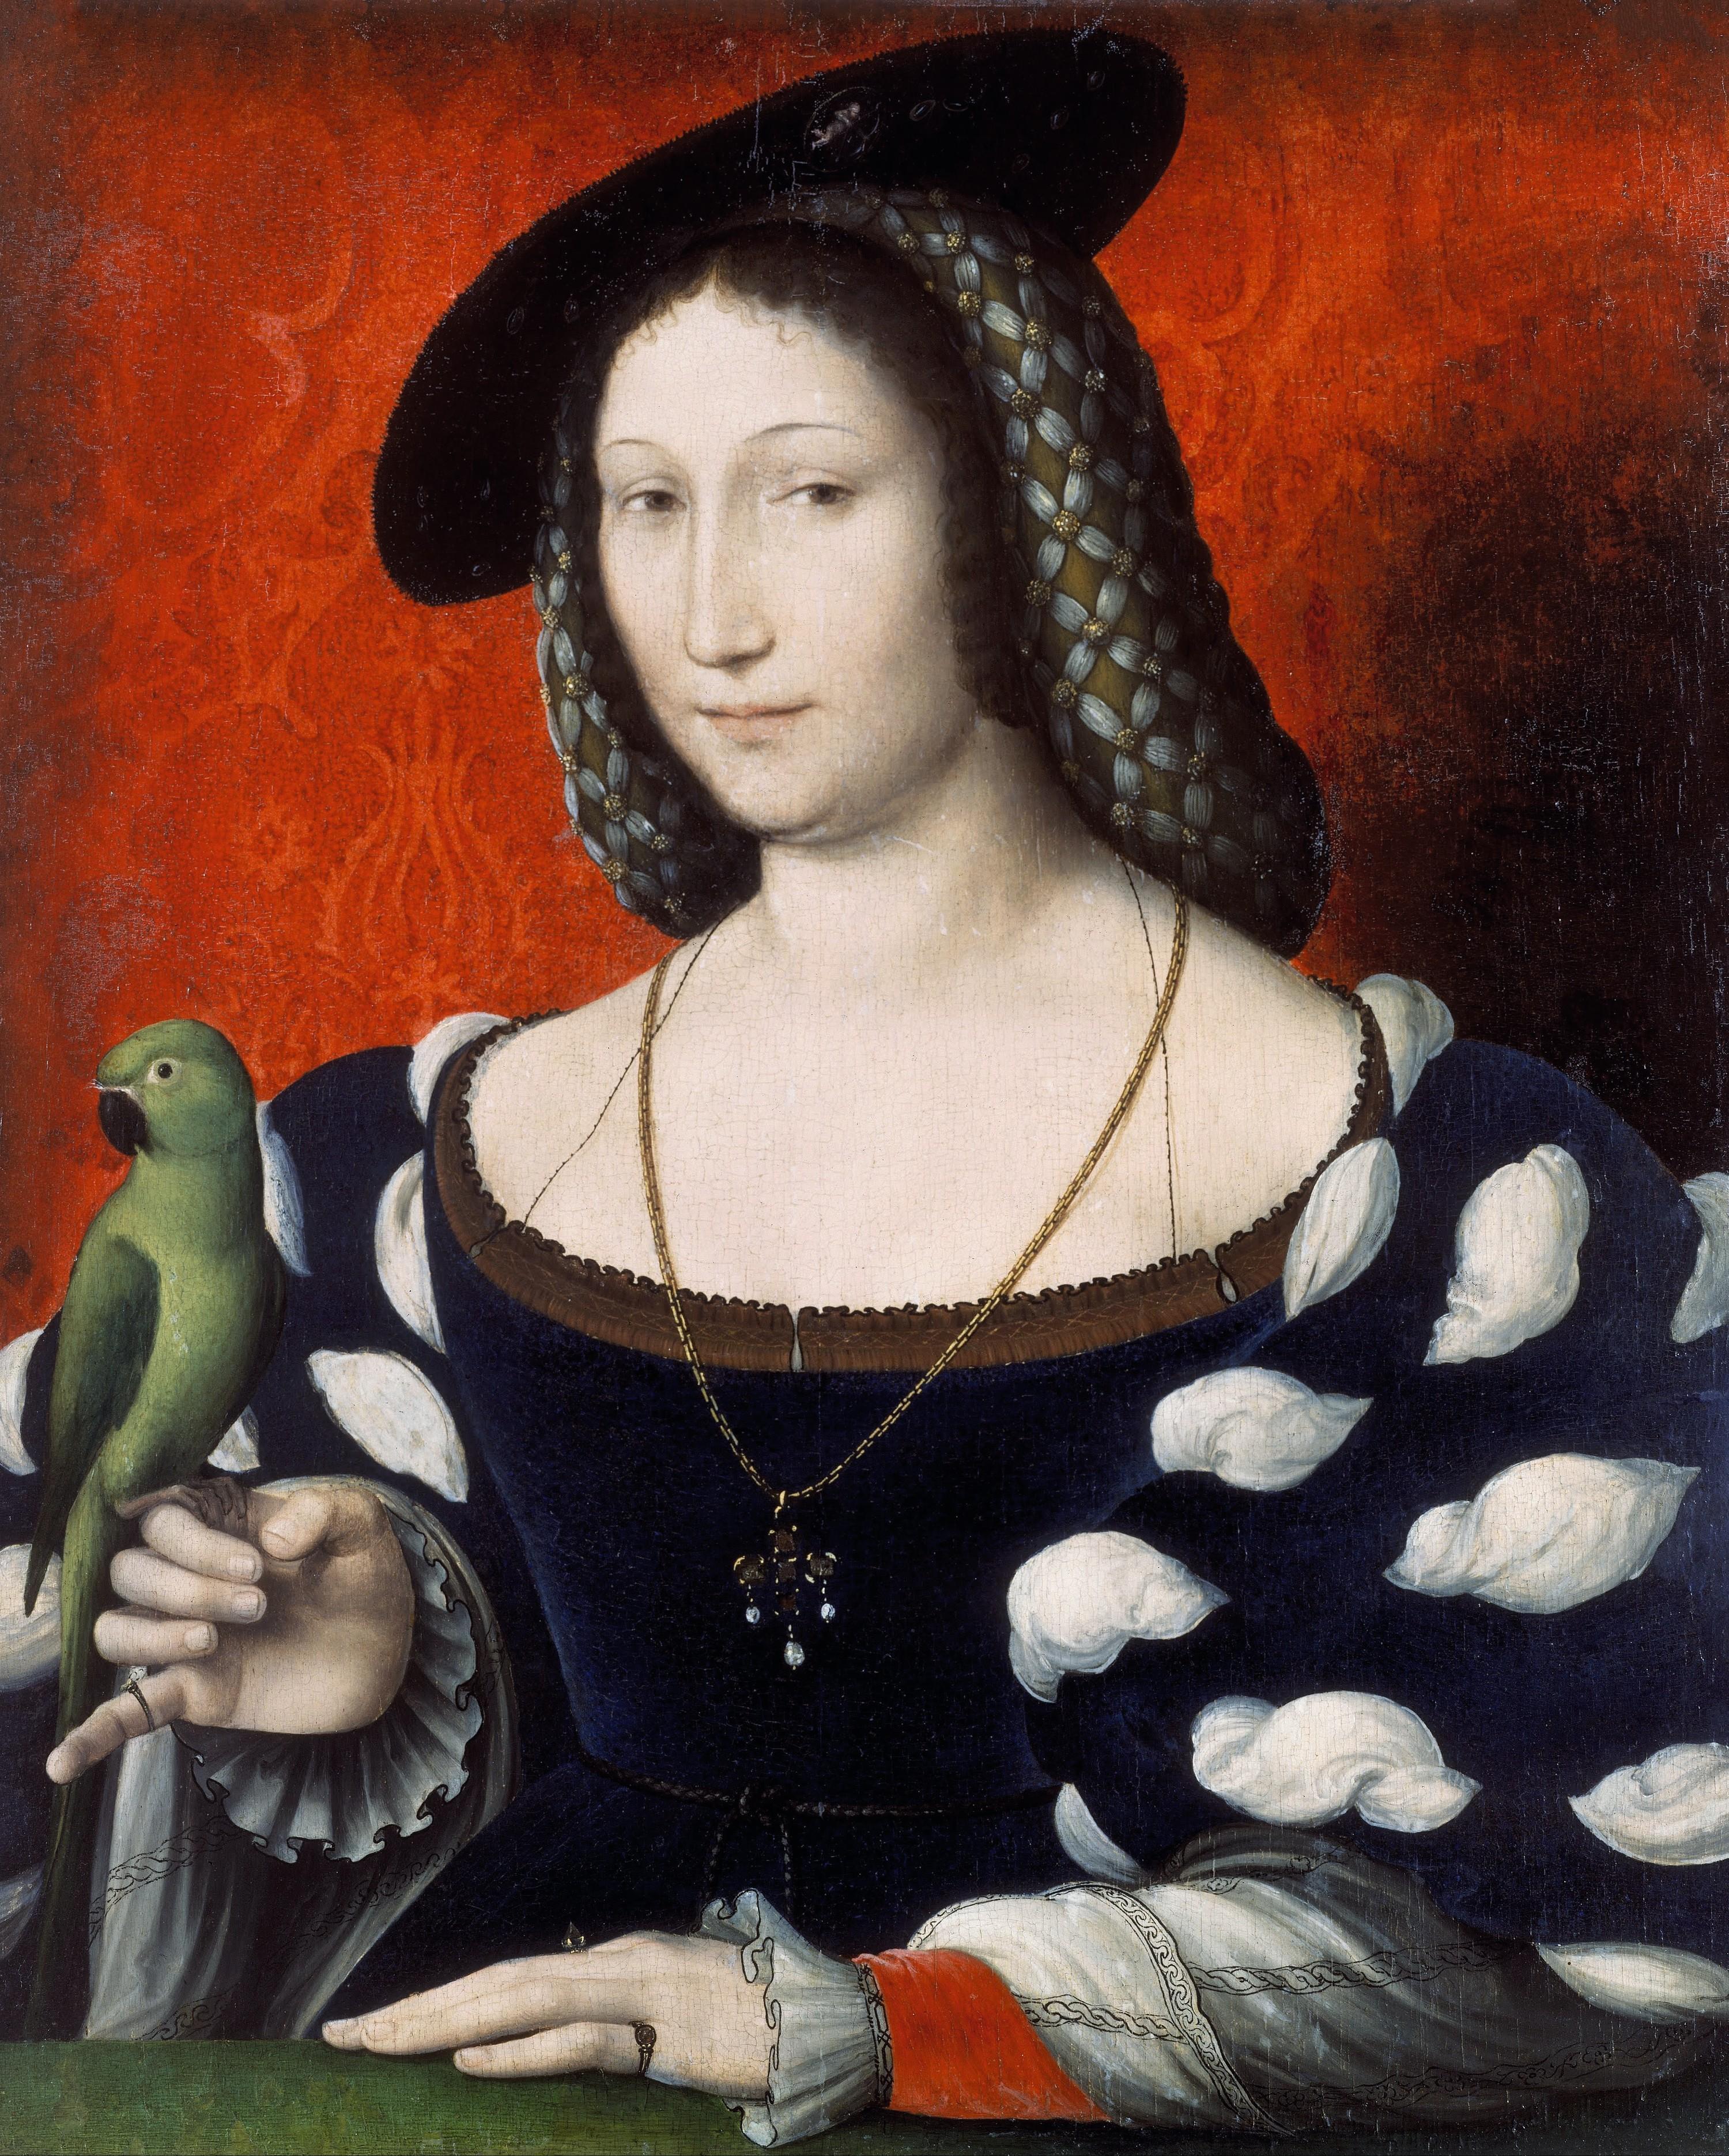 Jean Clouet, Marguerite de Navarre, v. 1530